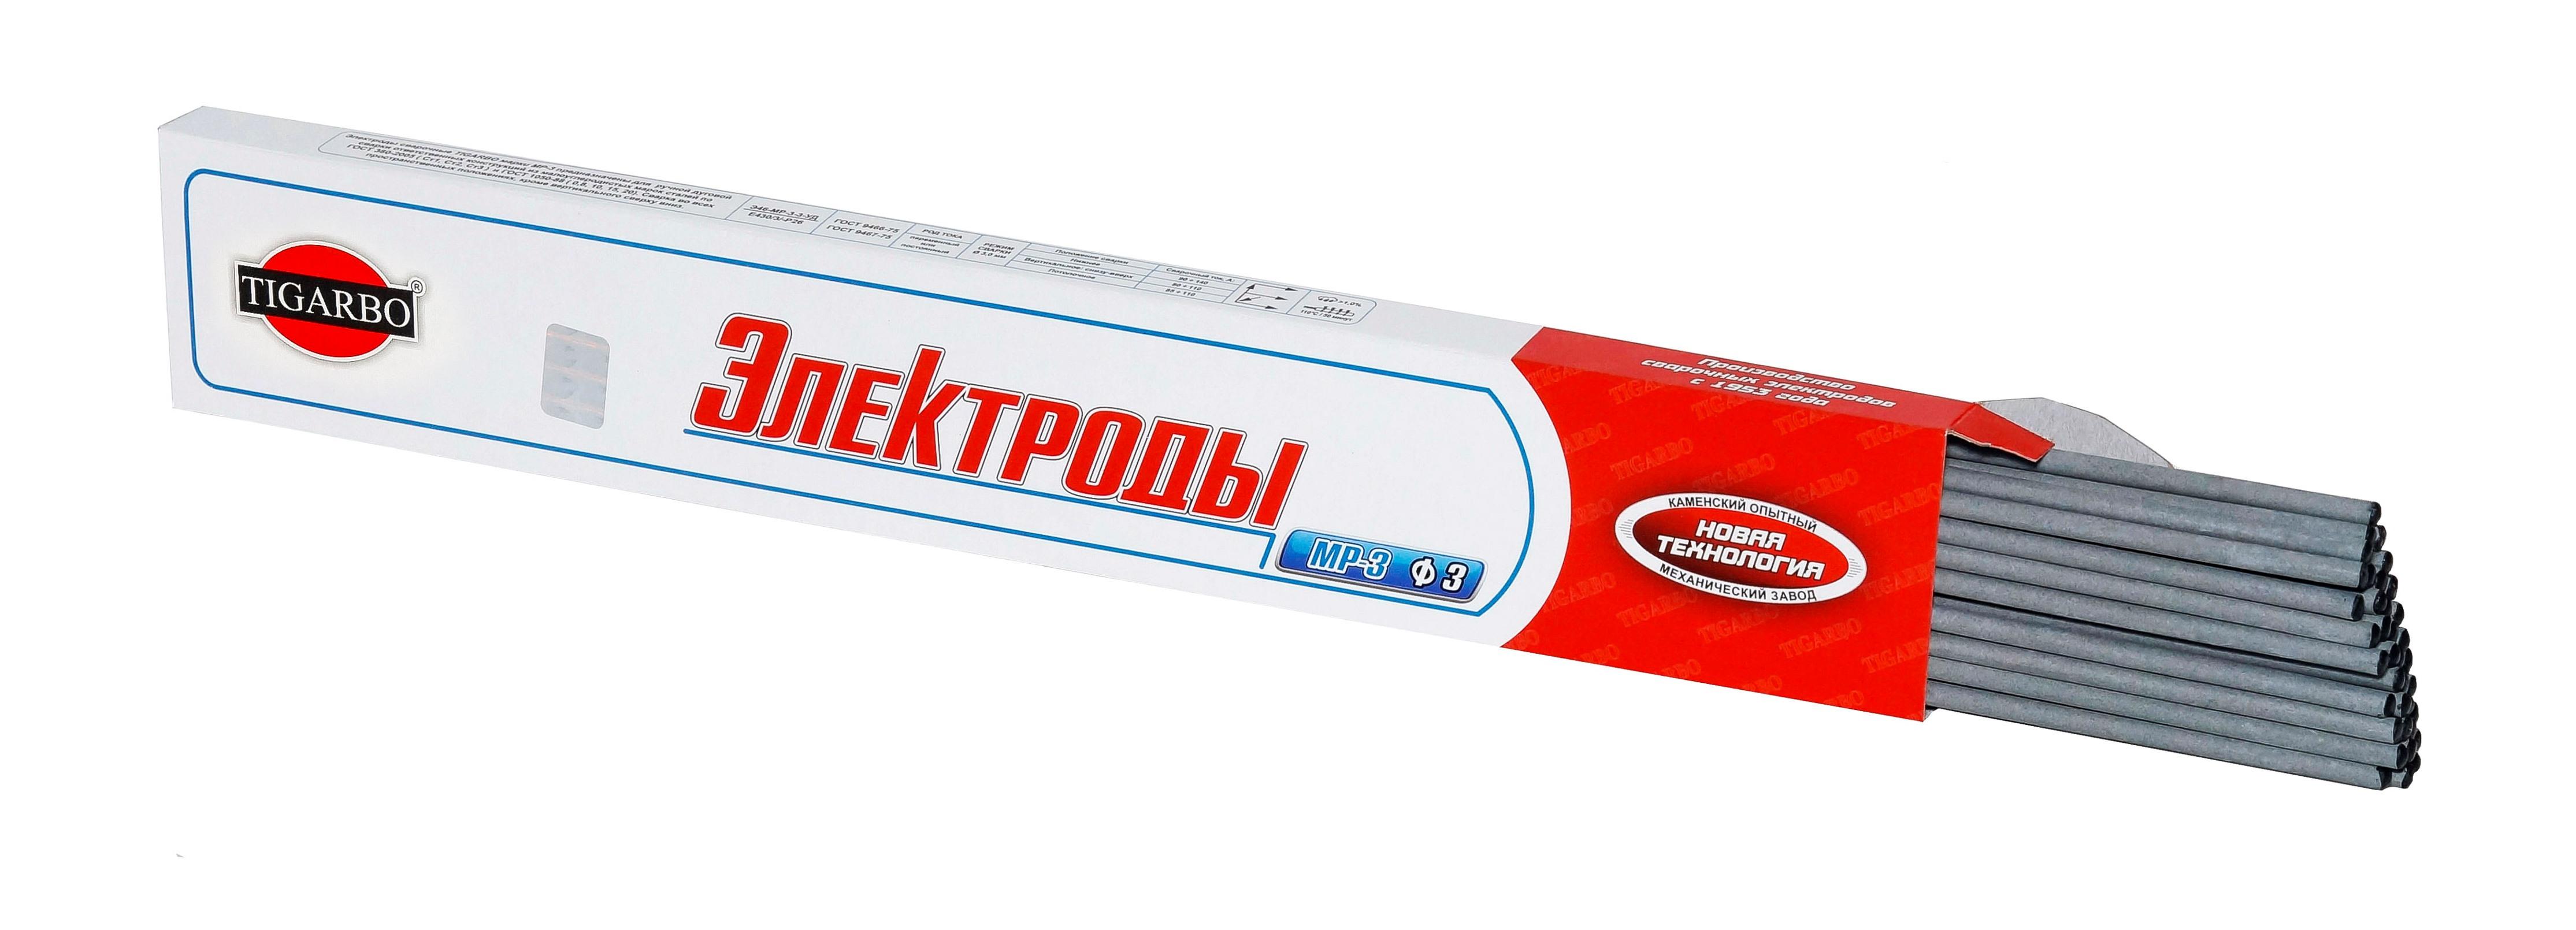 МР-3С ф3 (пачка 1 кг) Сварочные электроды МР-3С ф3 (пачка 1 кг) TIGARBO